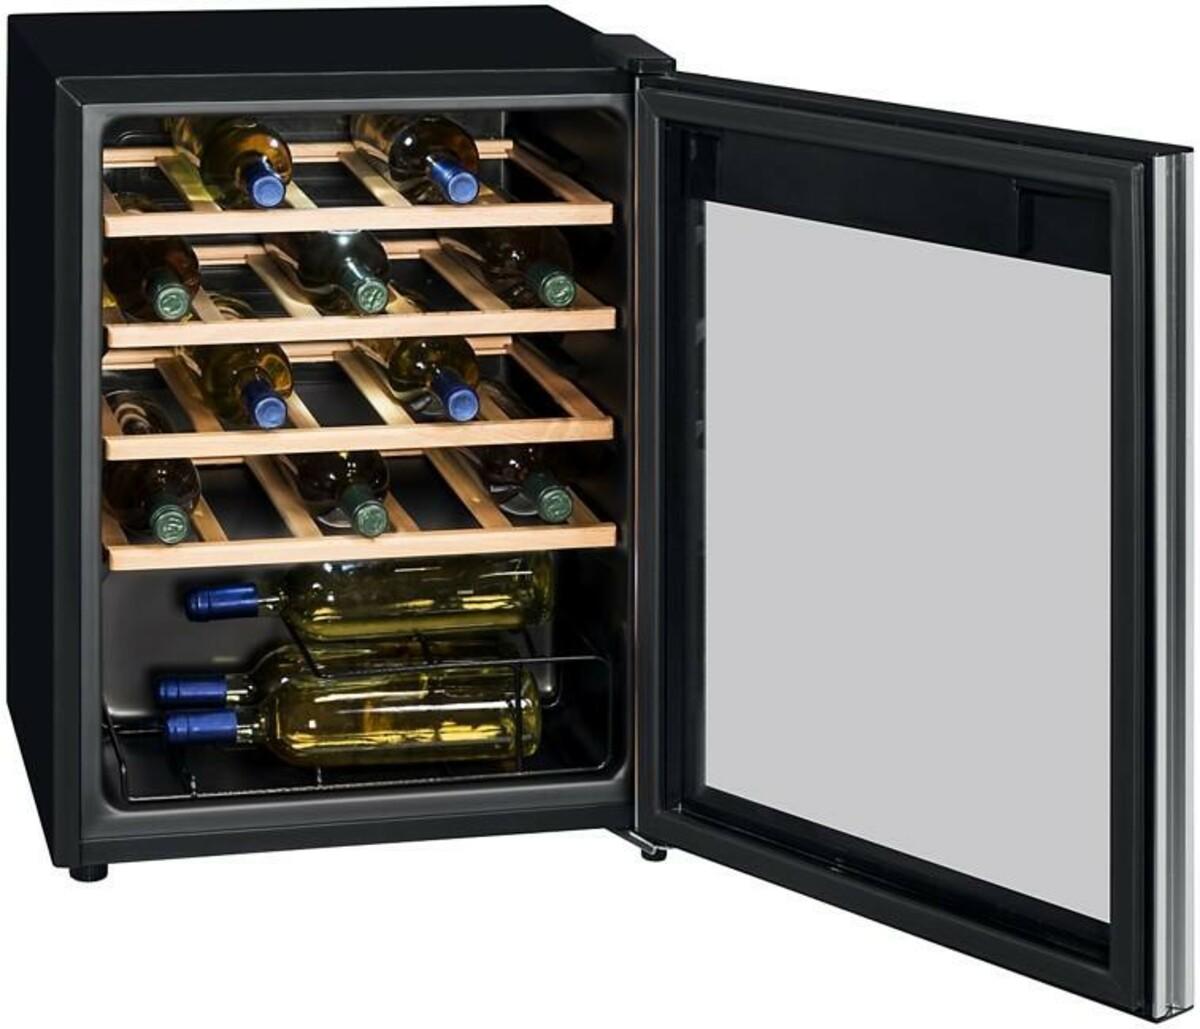 Bild 1 von Exquisit WS 124-3 EA Glastür-Weinkühlschrank